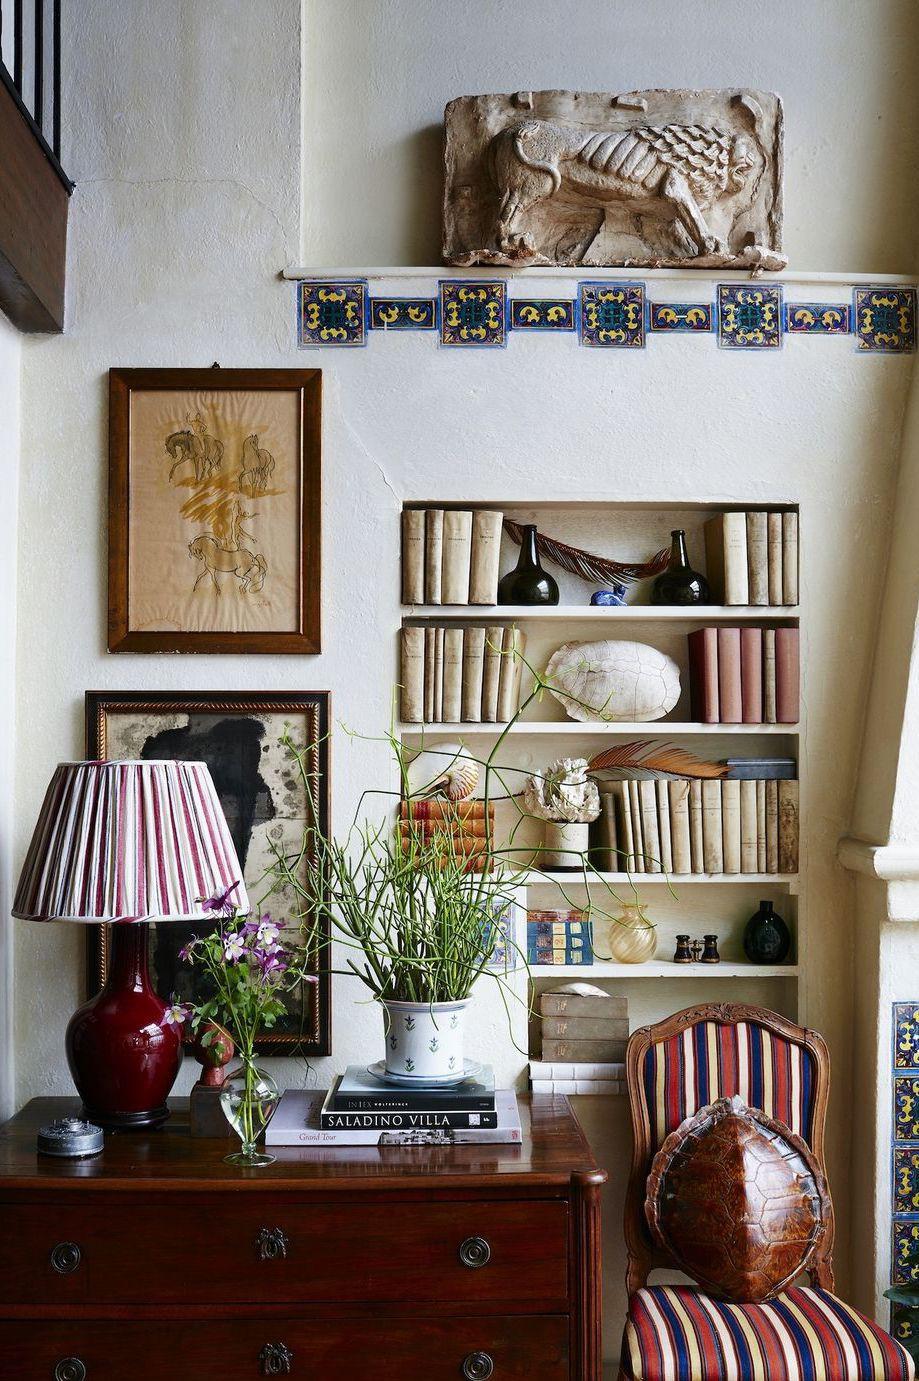 6 gam màu trang trí nhà lấy cảm hứng từ mùa thu thơ mộng được tạp chí nội thất danh giá khuyên dùng - Ảnh 8.